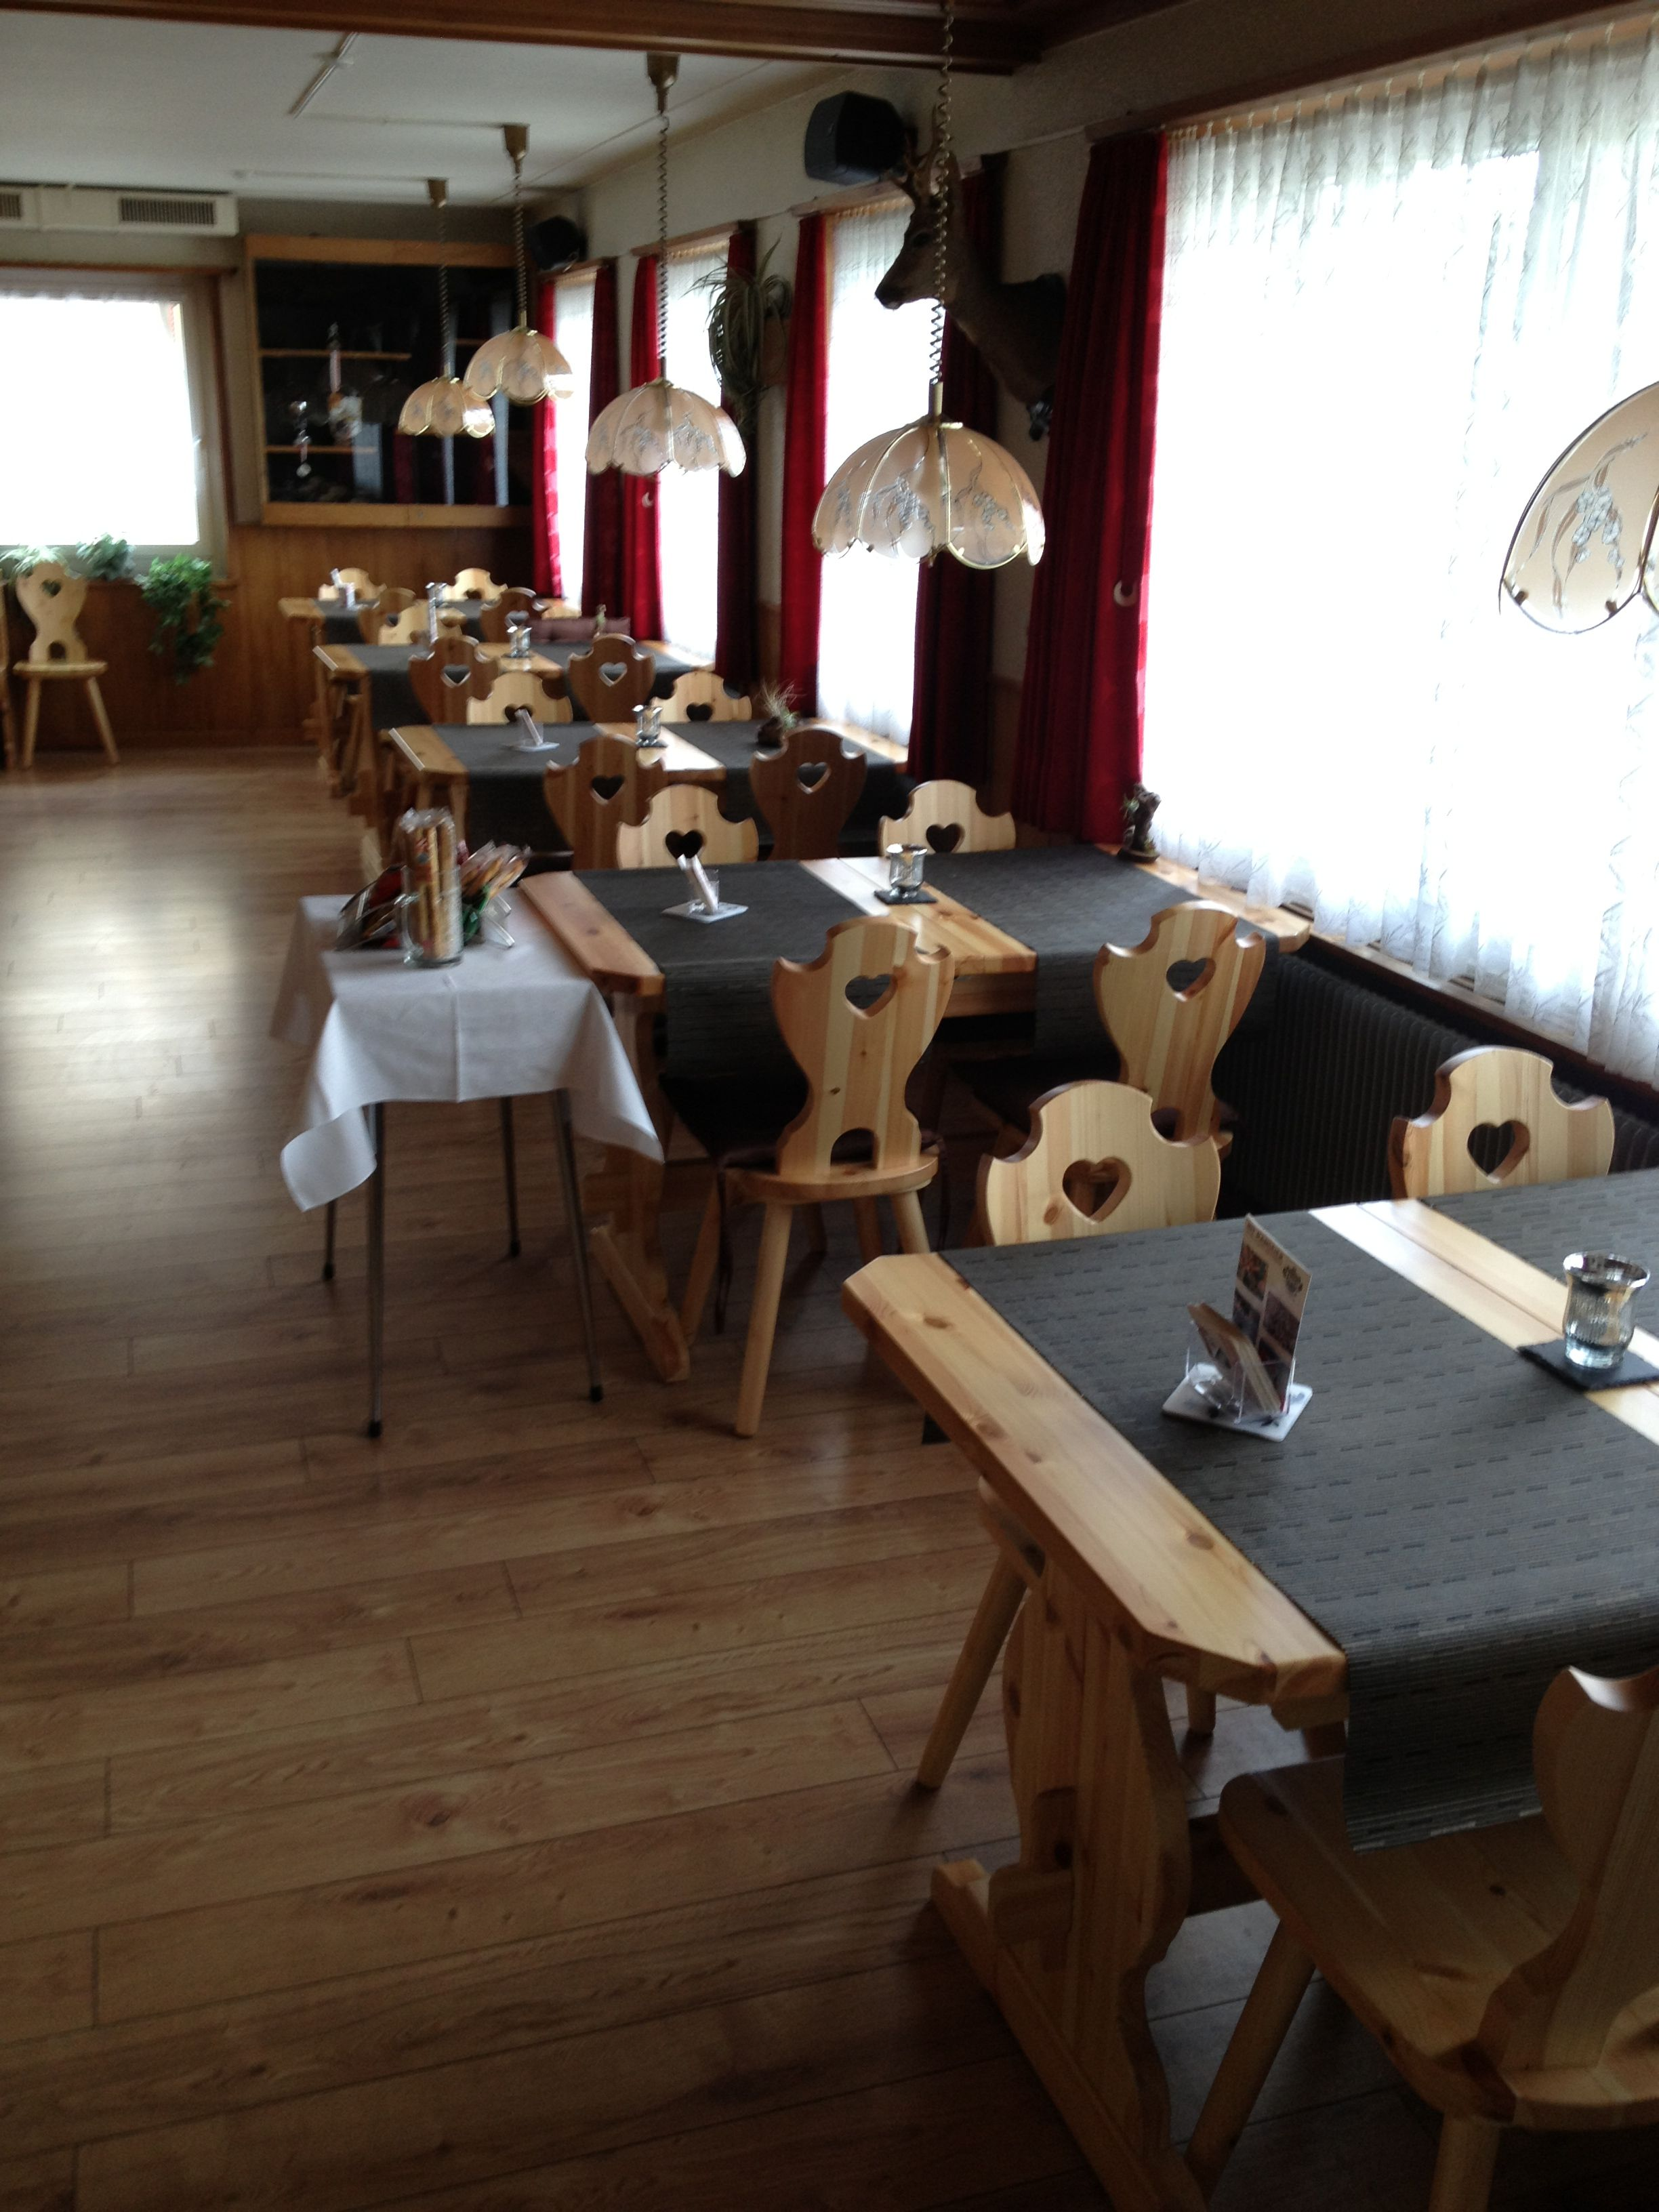 Arredo rustico con sedia cuore e tavolo fratino l for Arredamento sala ristorante